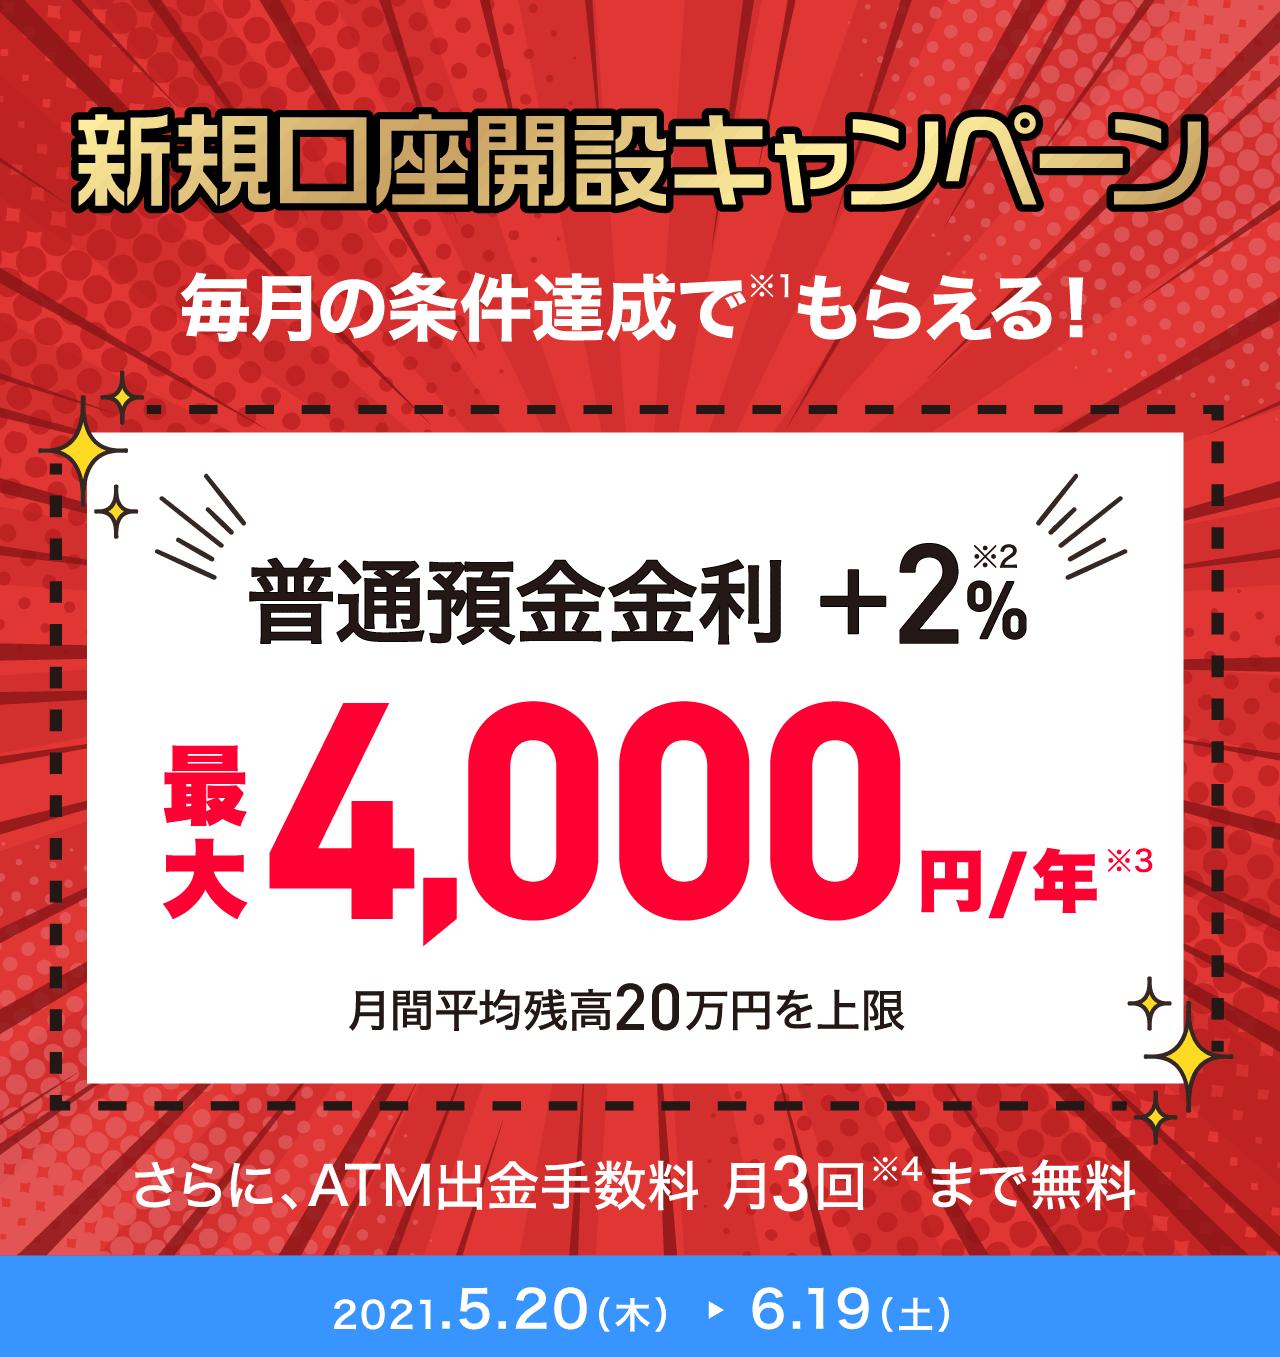 先着30万申込 特別金利キャンペーン 新規口座開設、各月条件達成で特別金利+2% ATM出金手数料月3回無料